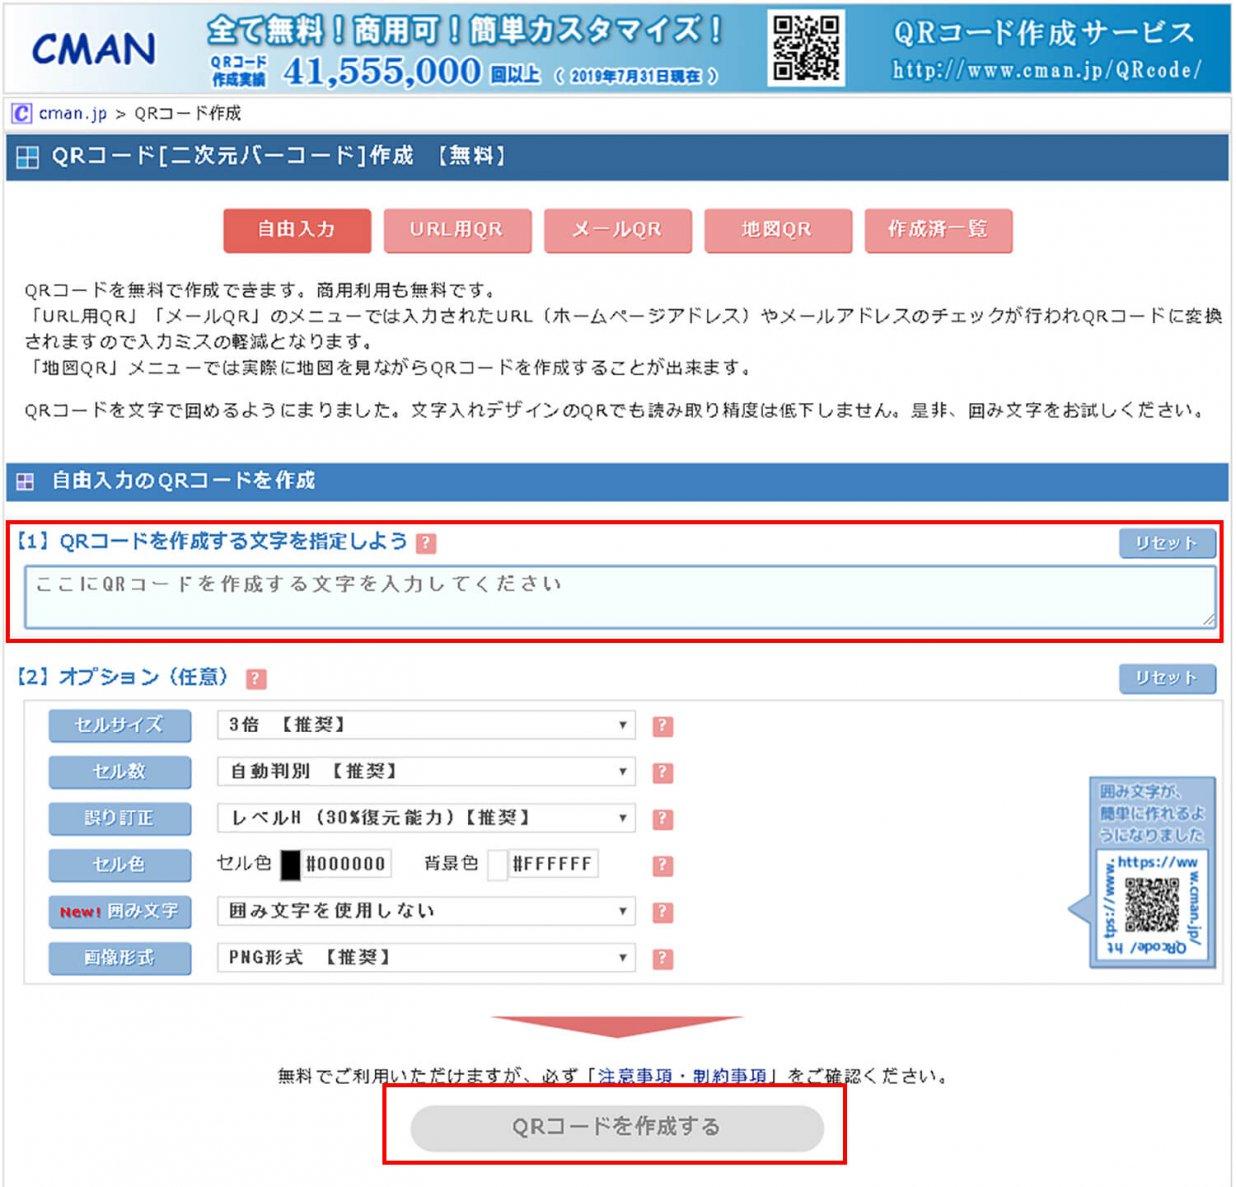 CMAN「QRコード作成」の概要画像